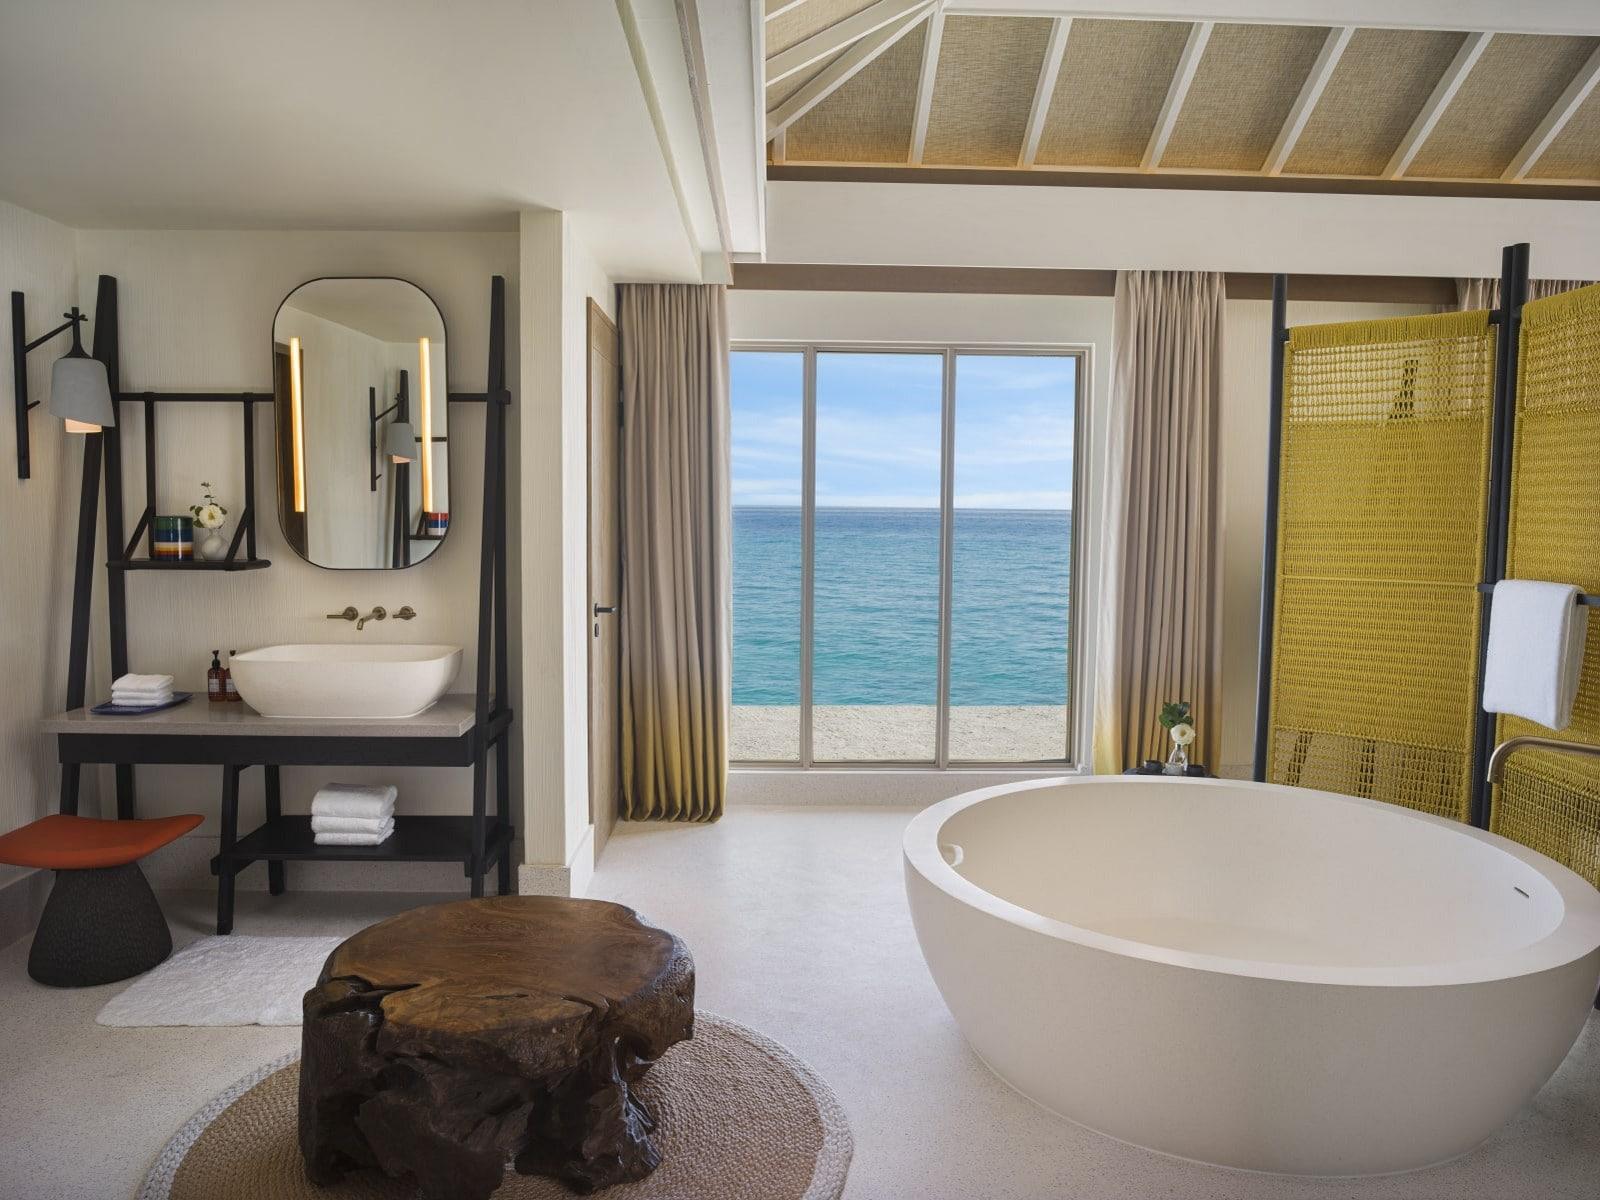 Мальдивы, отель Intercontinental Maldives Maamunagau, номер Three Bedroom Lagoon Residence